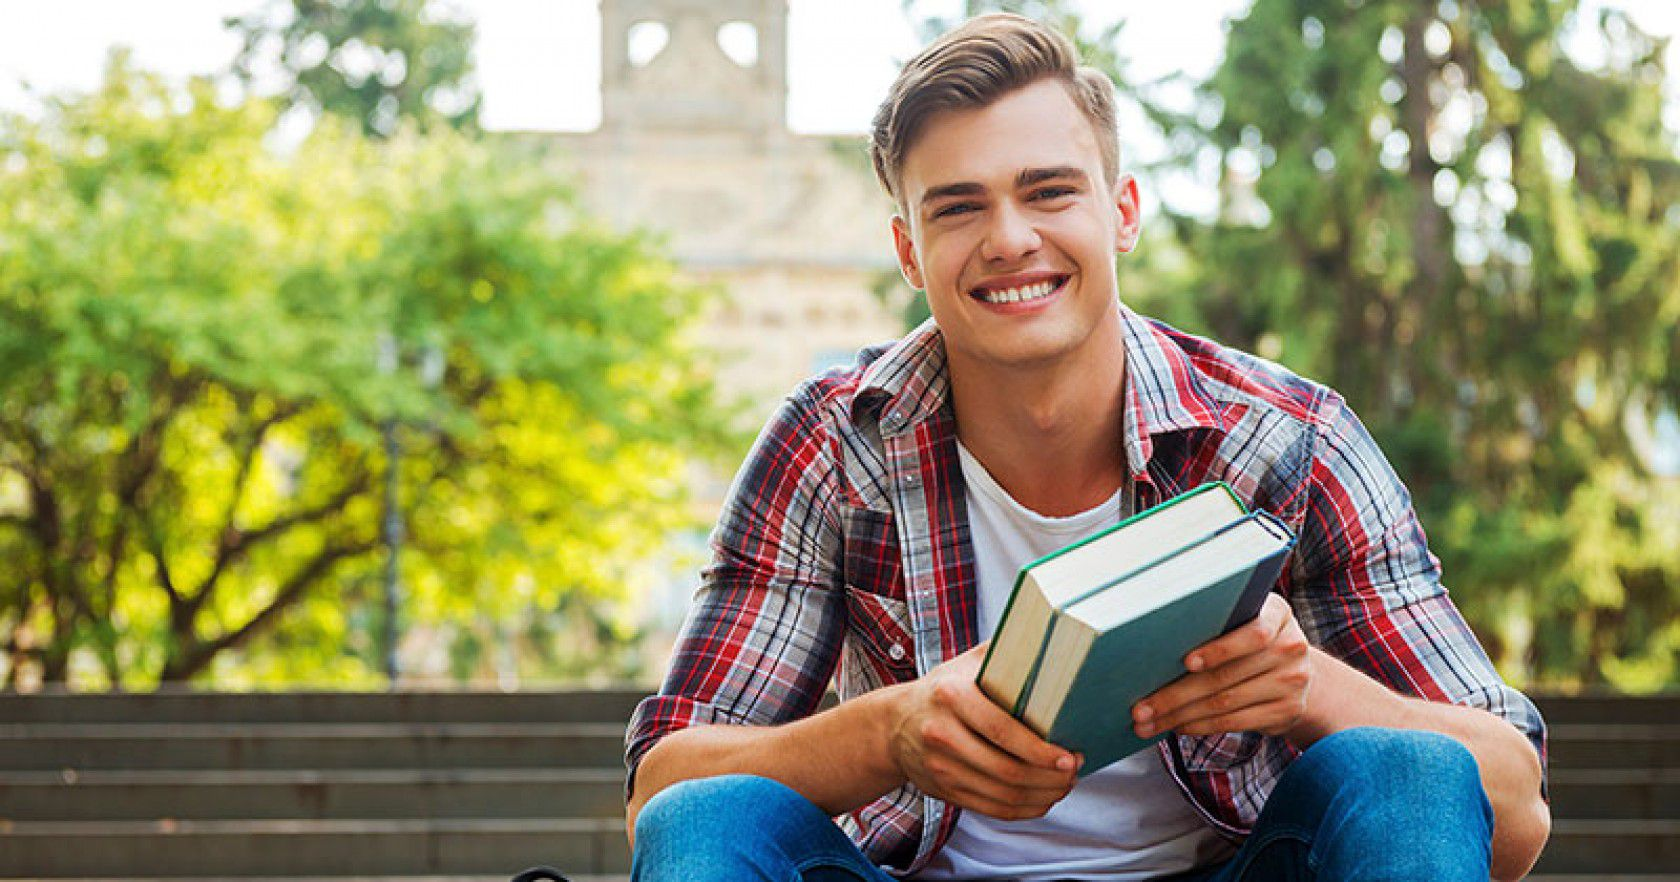 Avrupa'da Lise Eğitimi Tercih Edilmesinin Sebepleri Nelerdir?